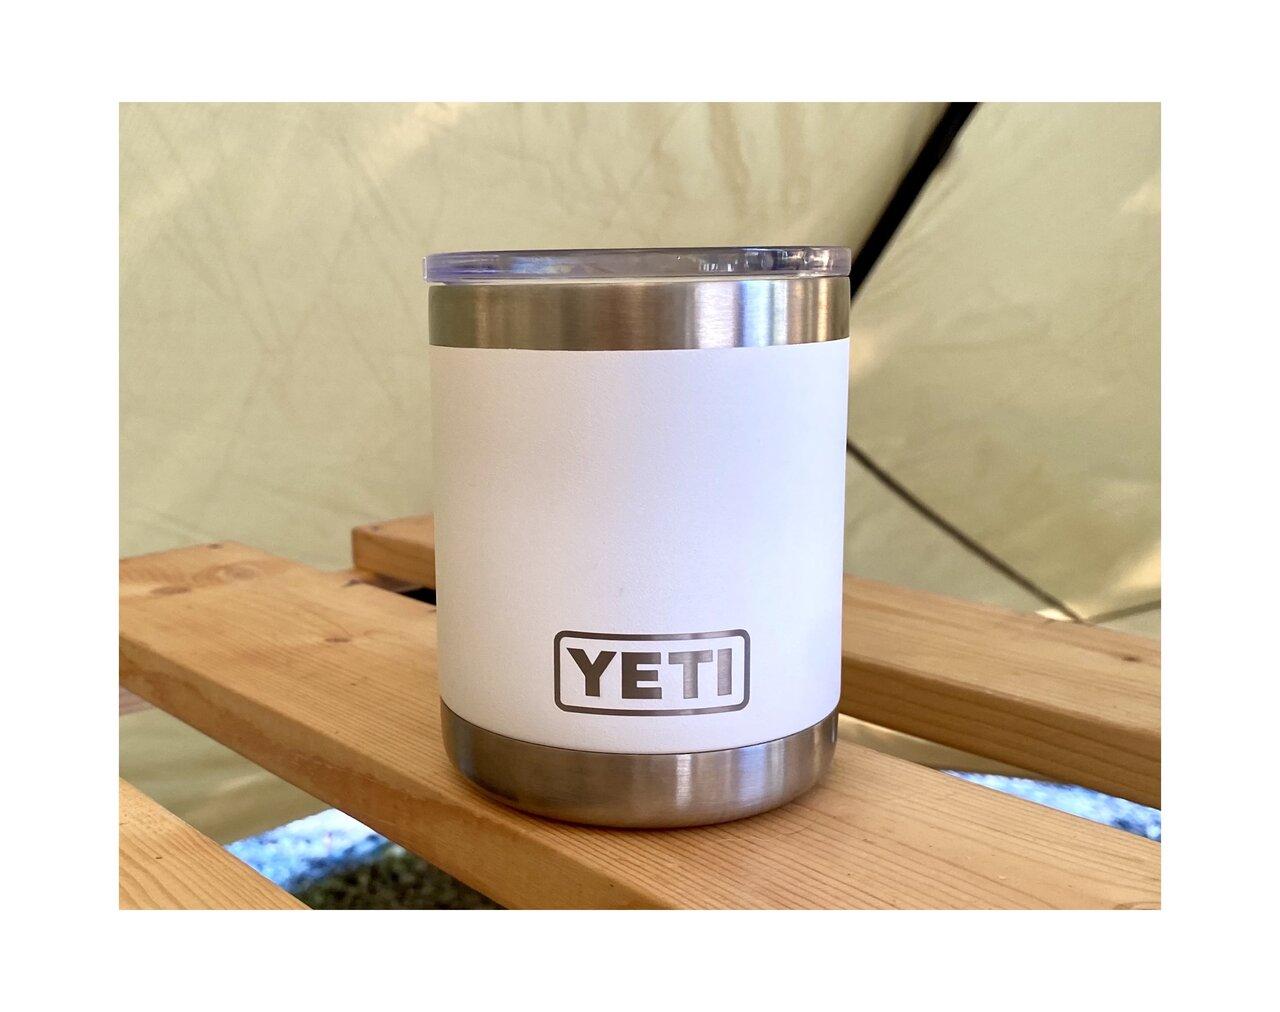 カッコ良くて使いやすい!YETIのランブラーはキャンプにも在宅ワークにも大活躍